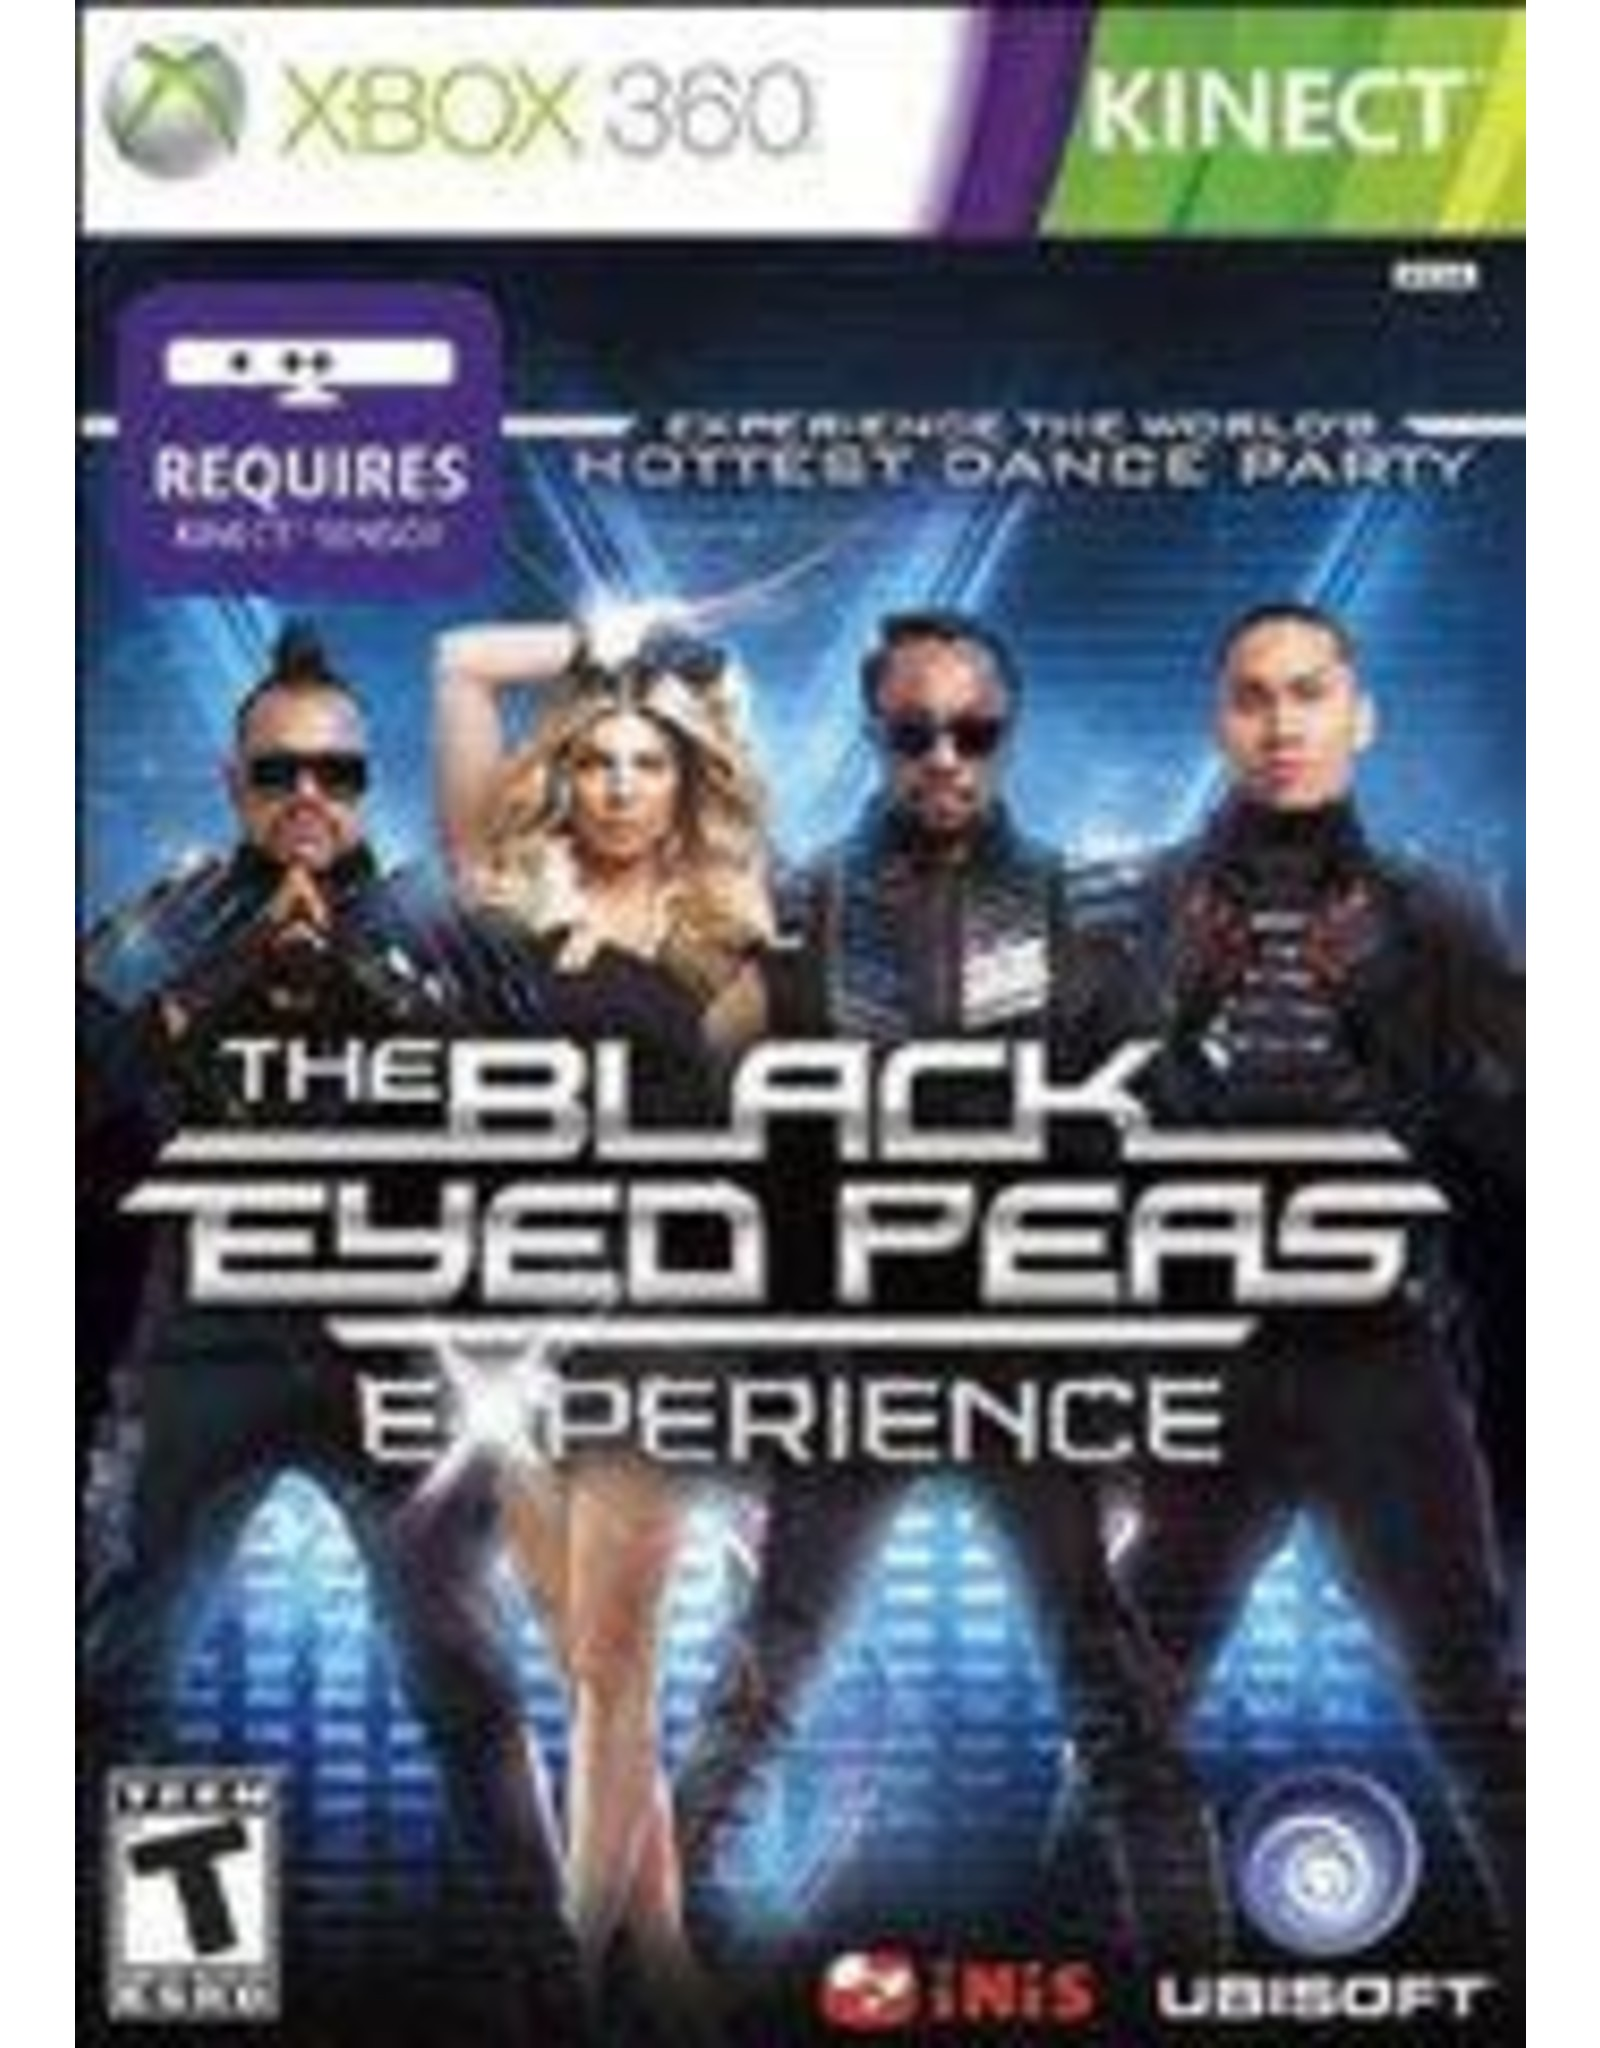 Xbox 360 Black Eyed Peas Experience (CiB)